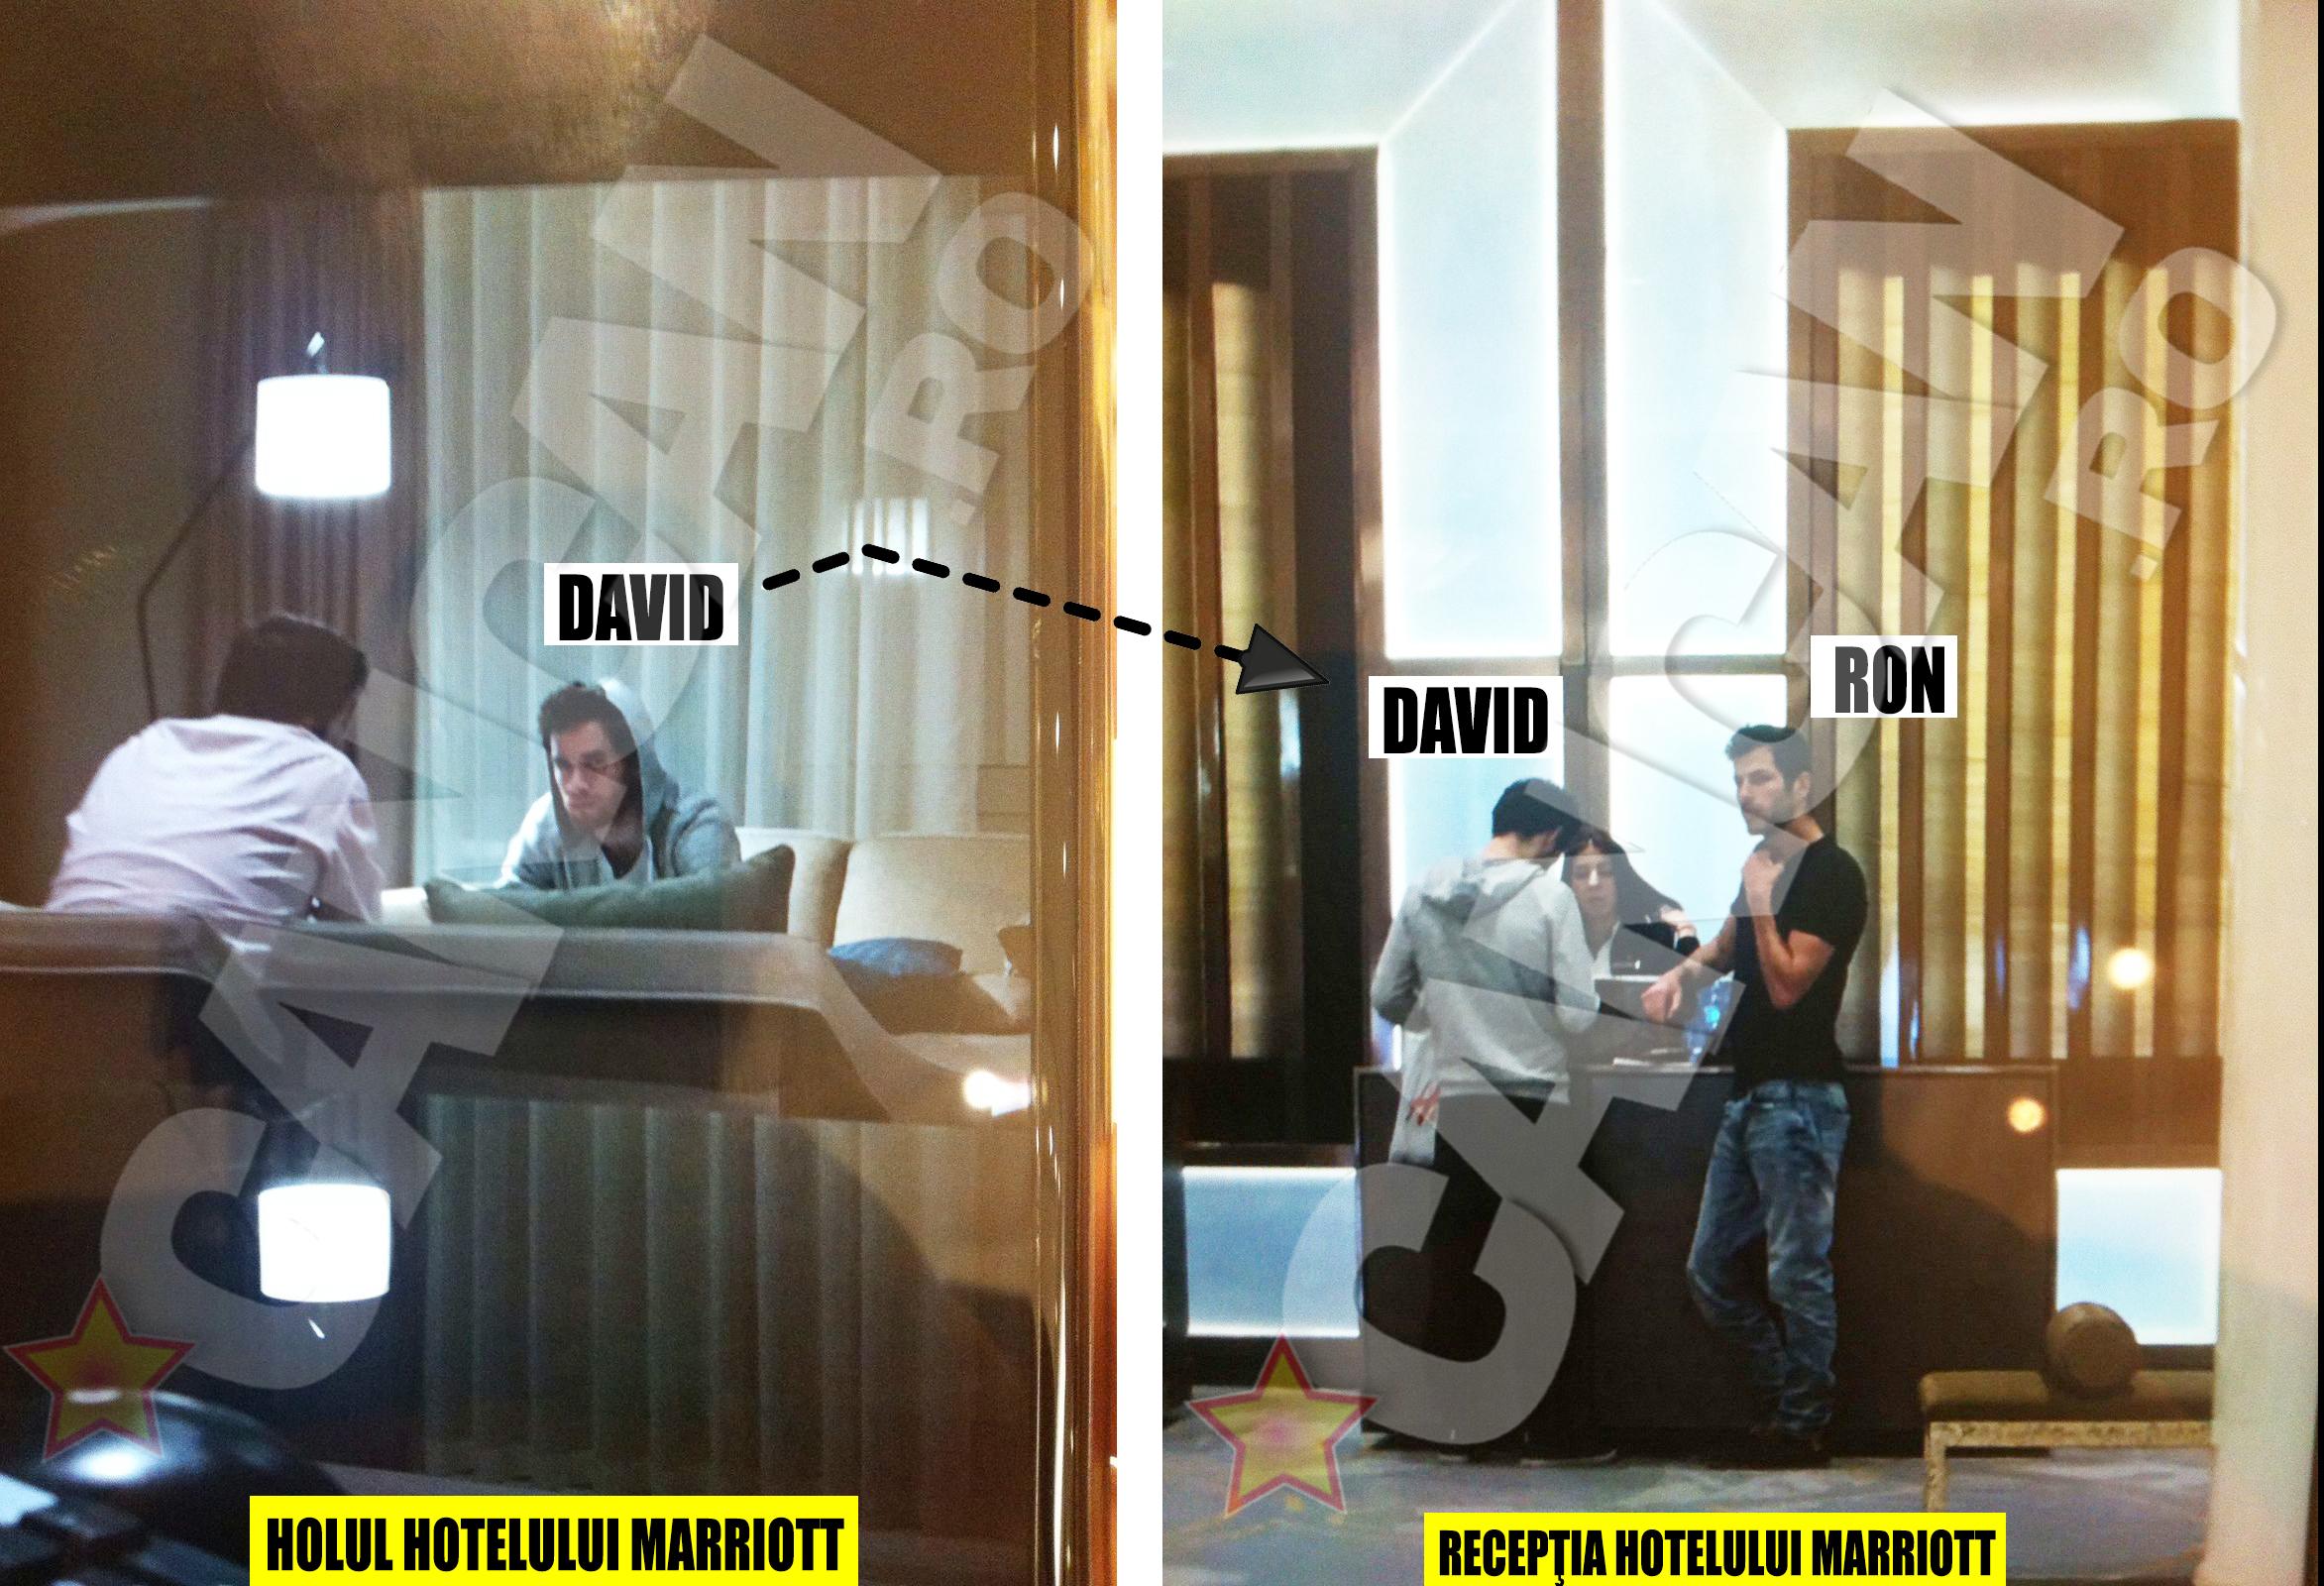 Ofiţerii români i-au ţinut sub observaţie permanent pe Ron Weiner şi David Geclowicz, fie că aceştia discutau conspirativ în cafeneaua din holul hotelului, fie că se găseau la recepţie